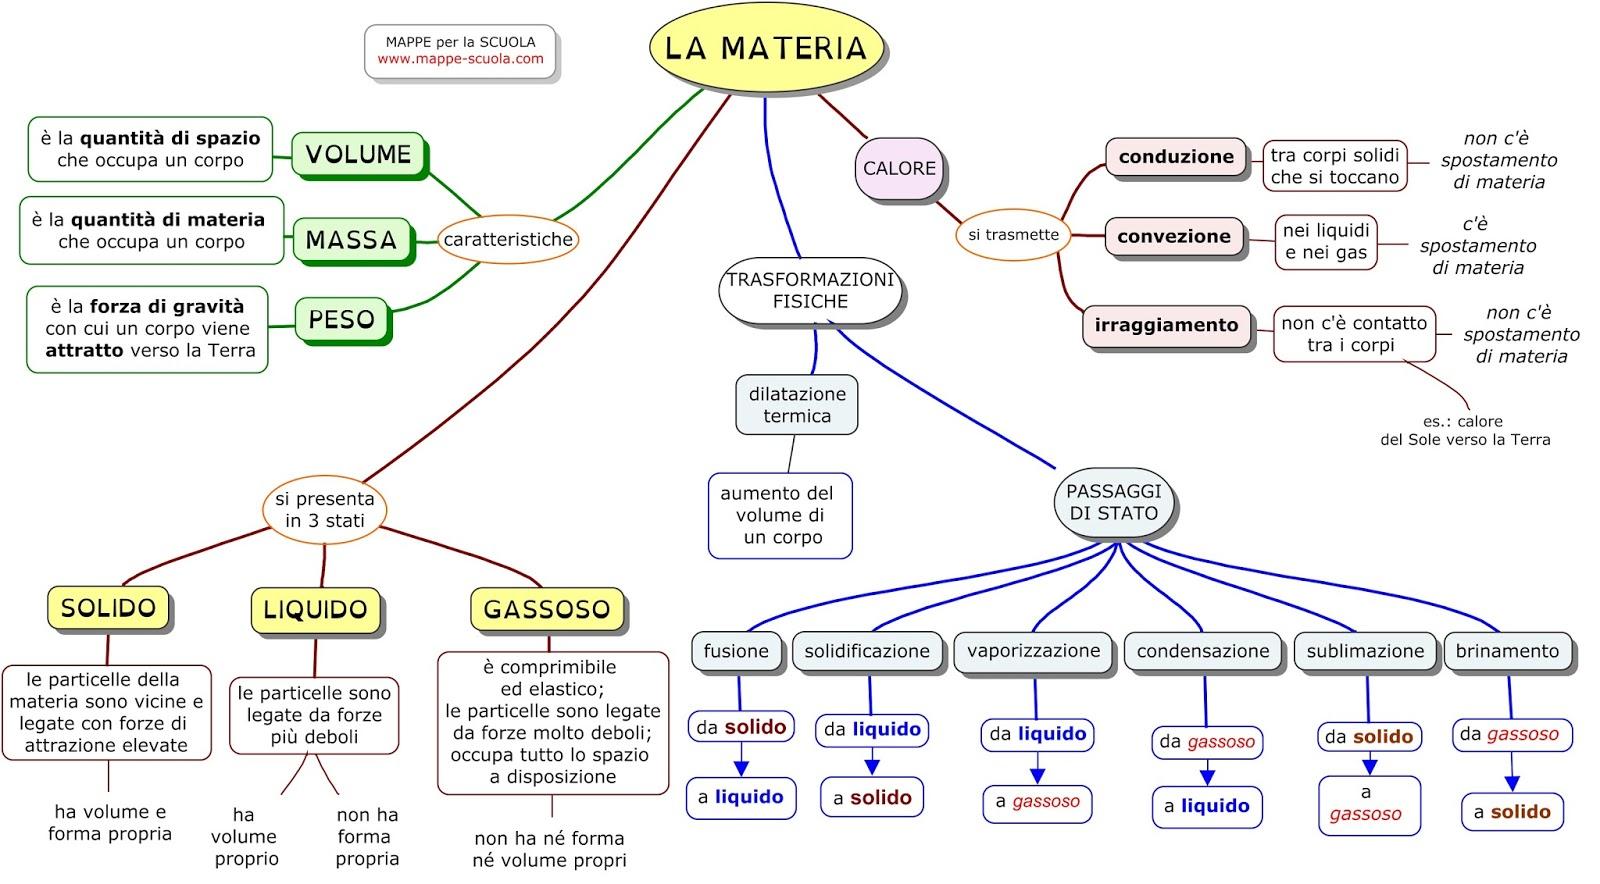 Top MAPPE per la SCUOLA: LA MATERIA (scienze) MR83